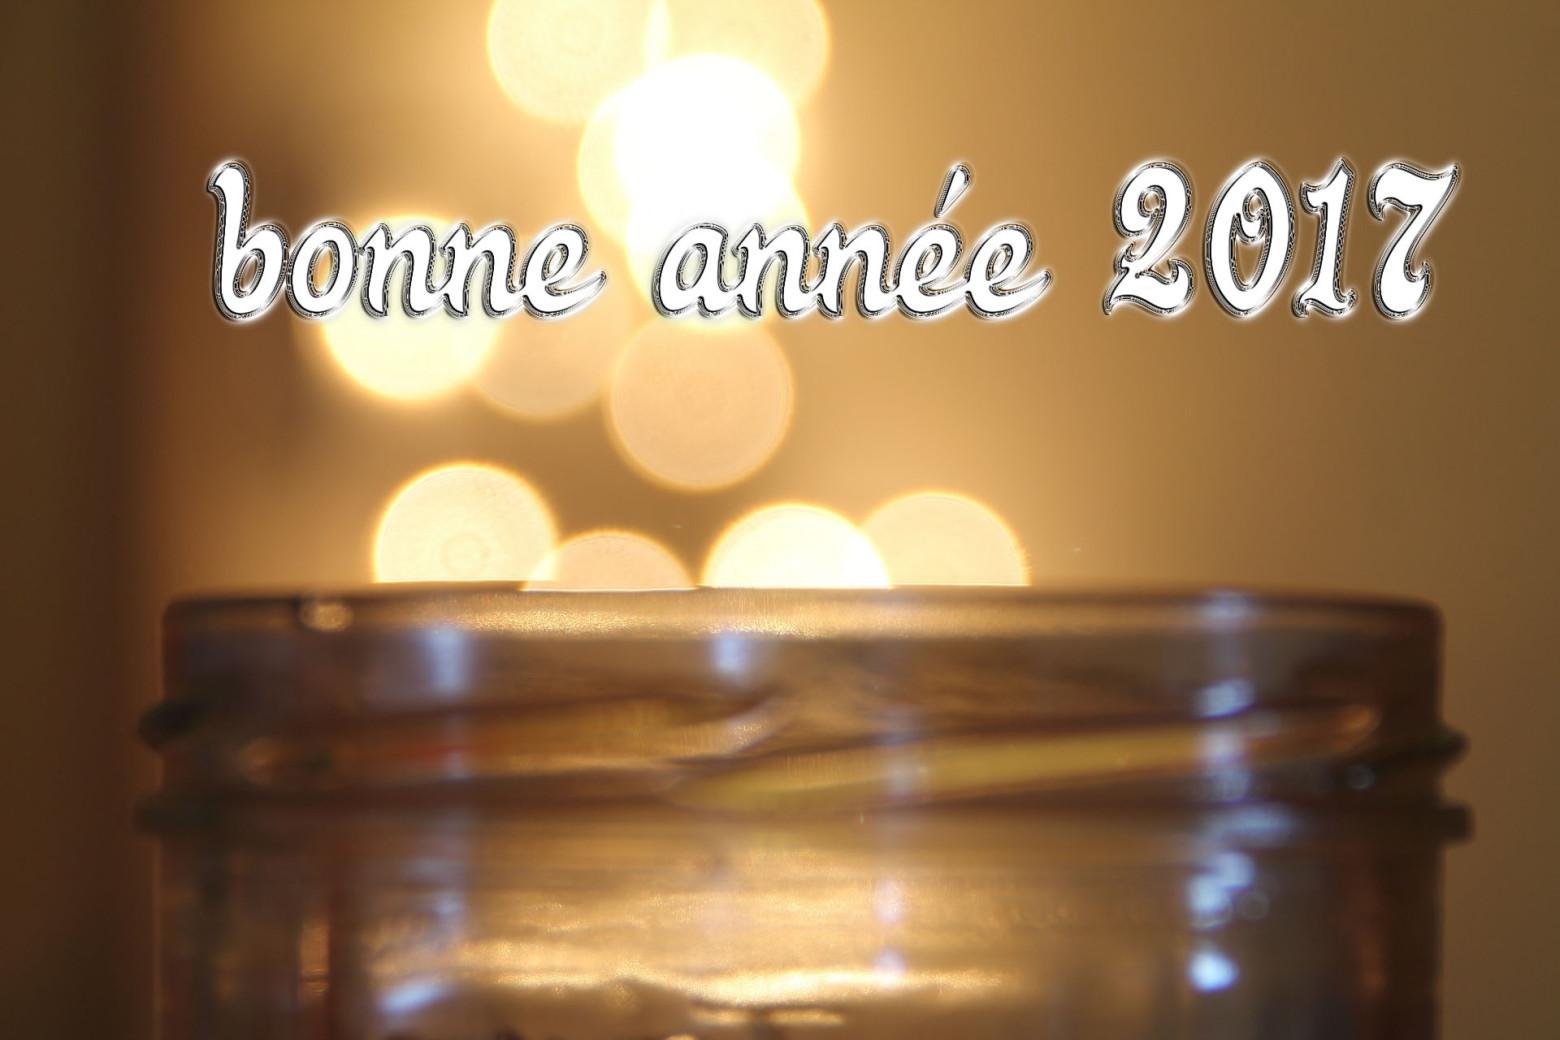 Bonne ann e 2017 cartes de voeux gratuites images gratuites et libres de droits - Texte carte de voeux 2017 ...